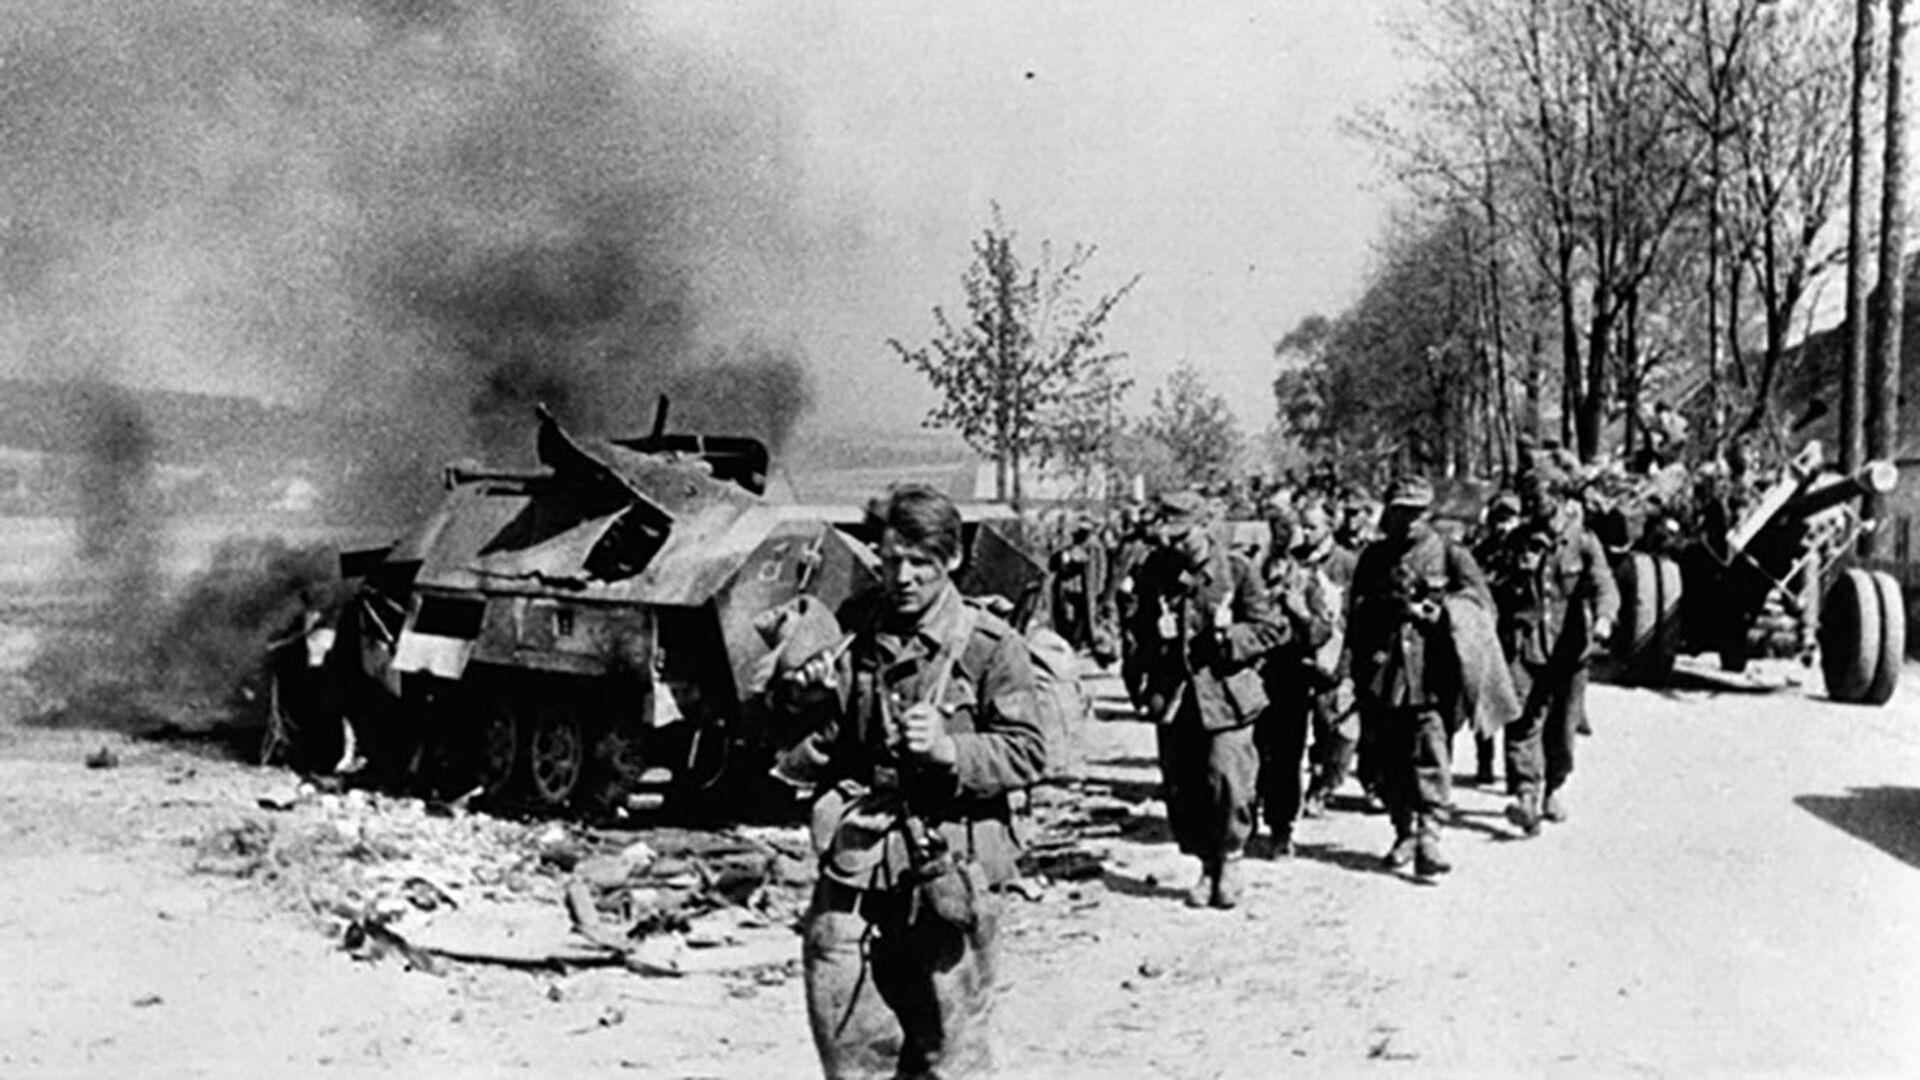 Ústup německých vojáků během Pražského povstání 5. května 1945 - Sputnik Česká republika, 1920, 04.05.2021